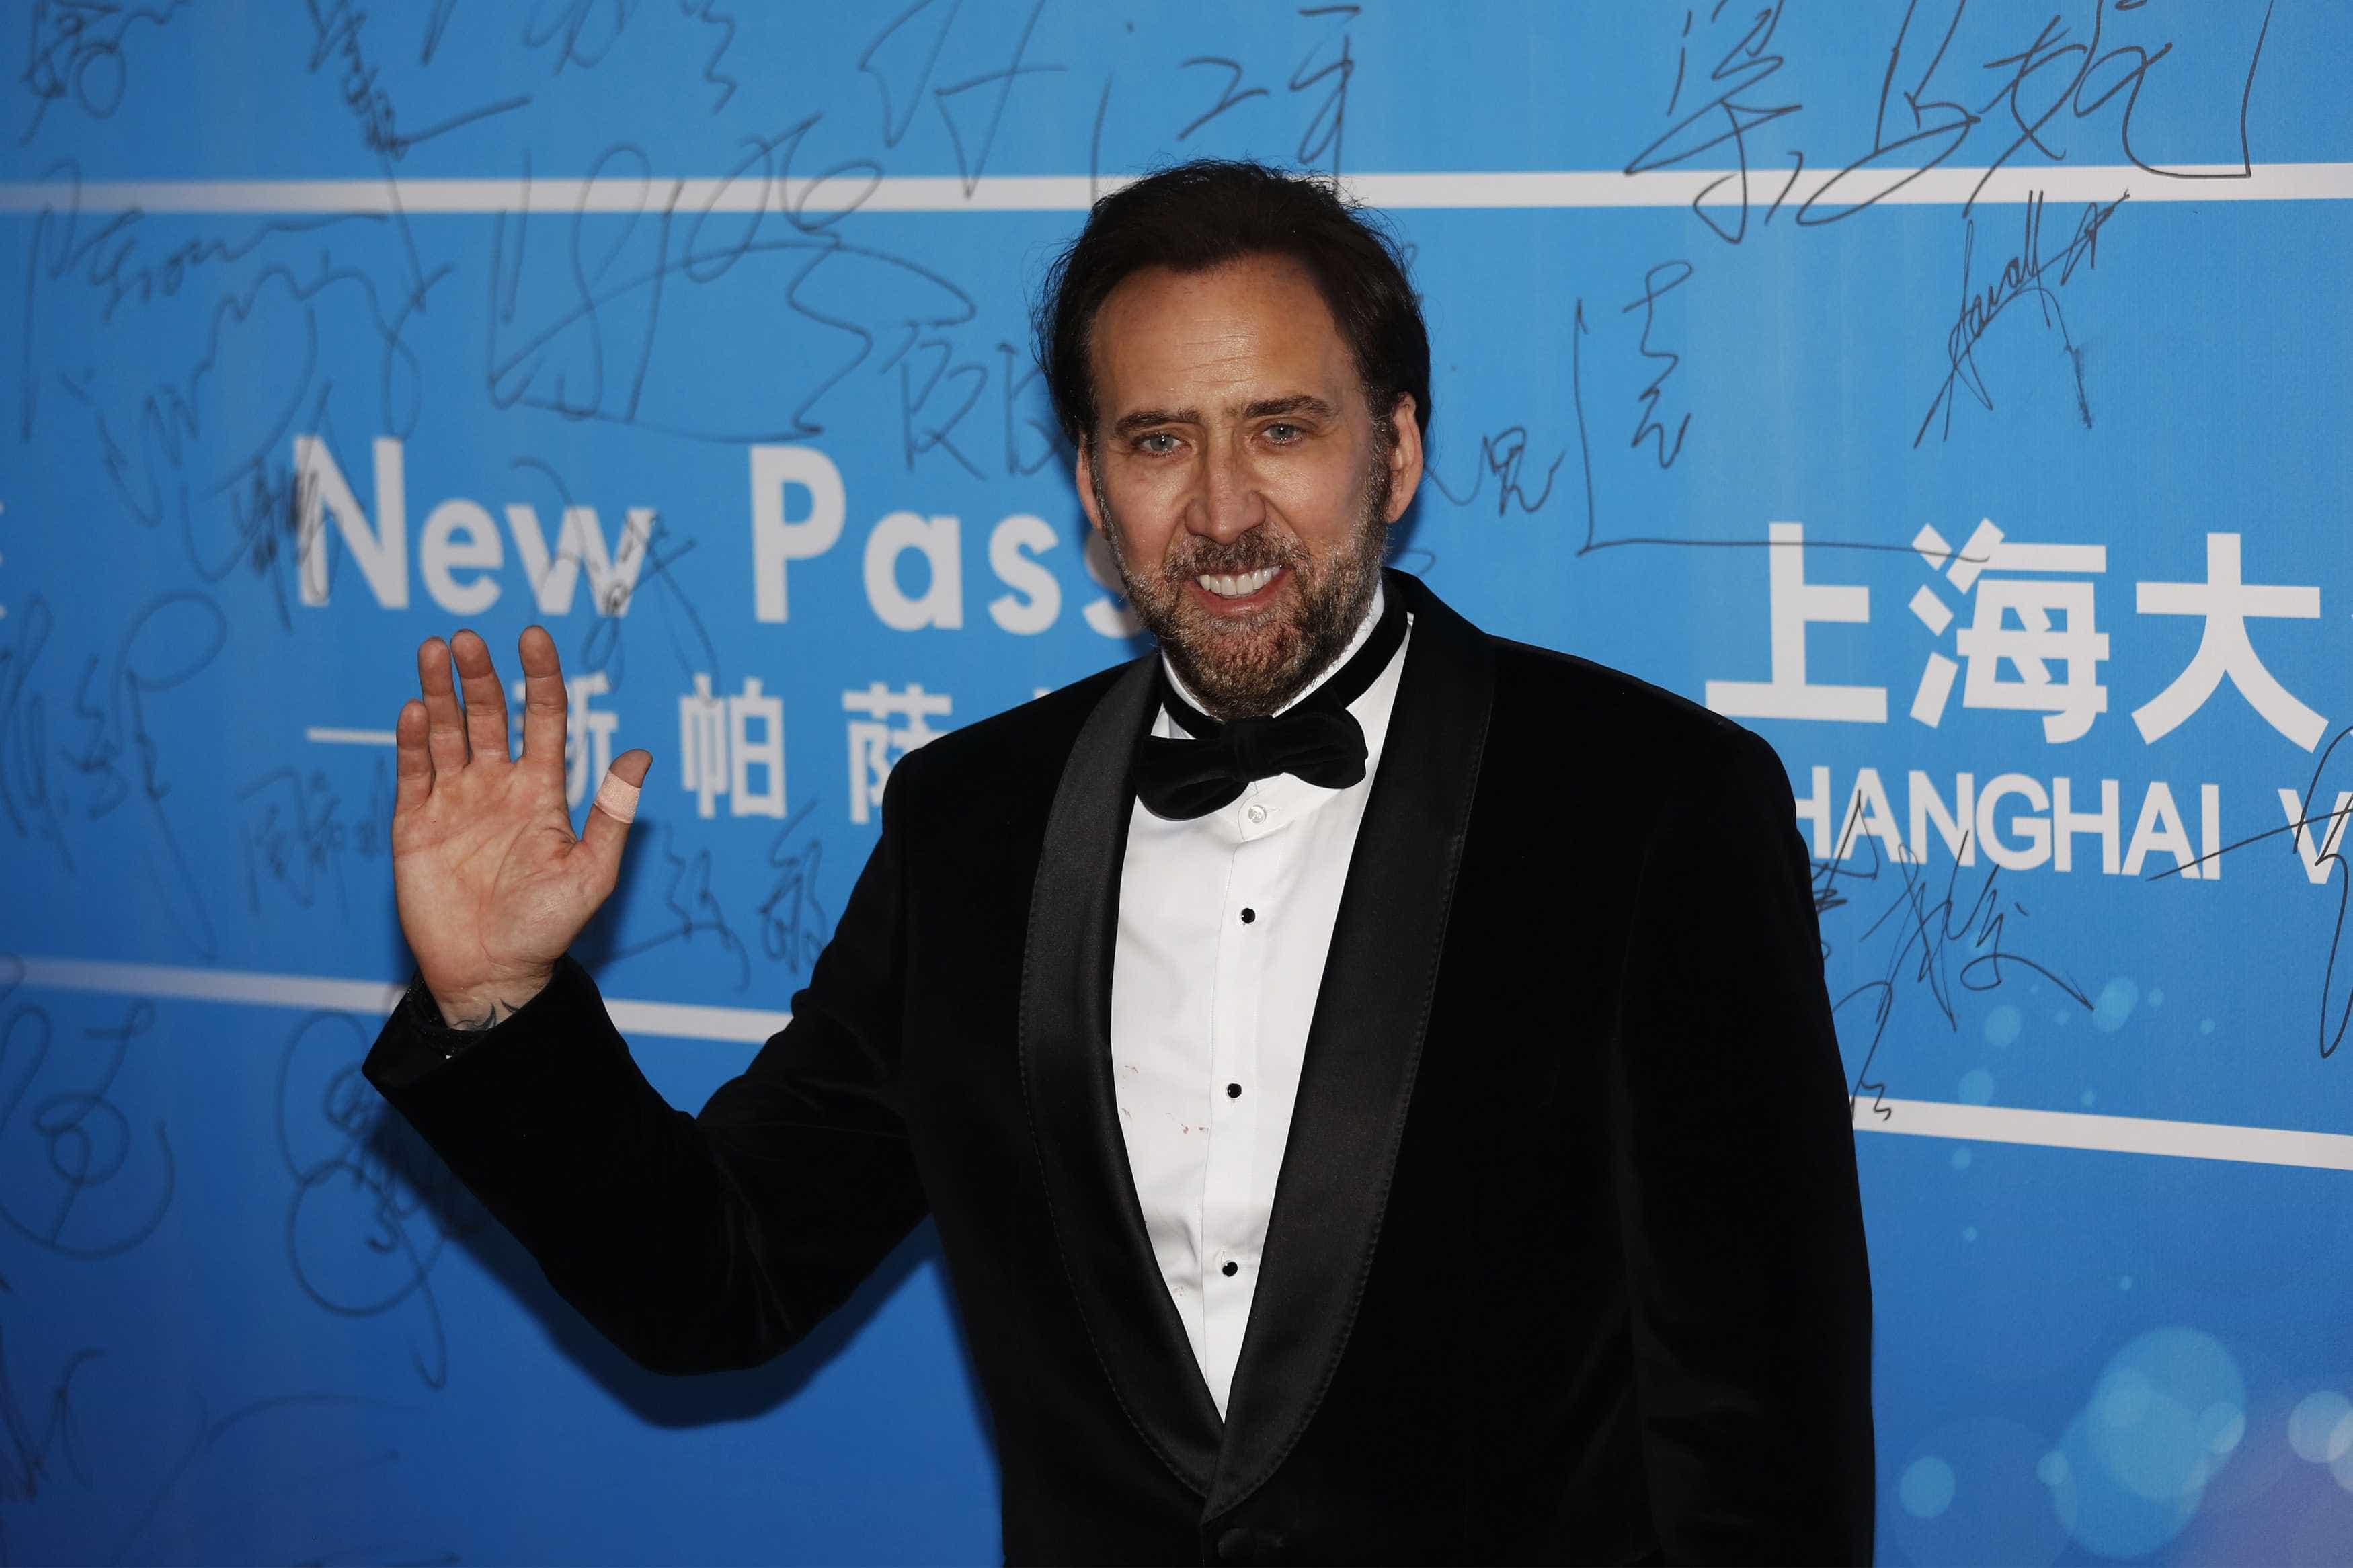 """Imagens de Nicolas Cage com comportamento estranho: """"Estava fora de si"""""""